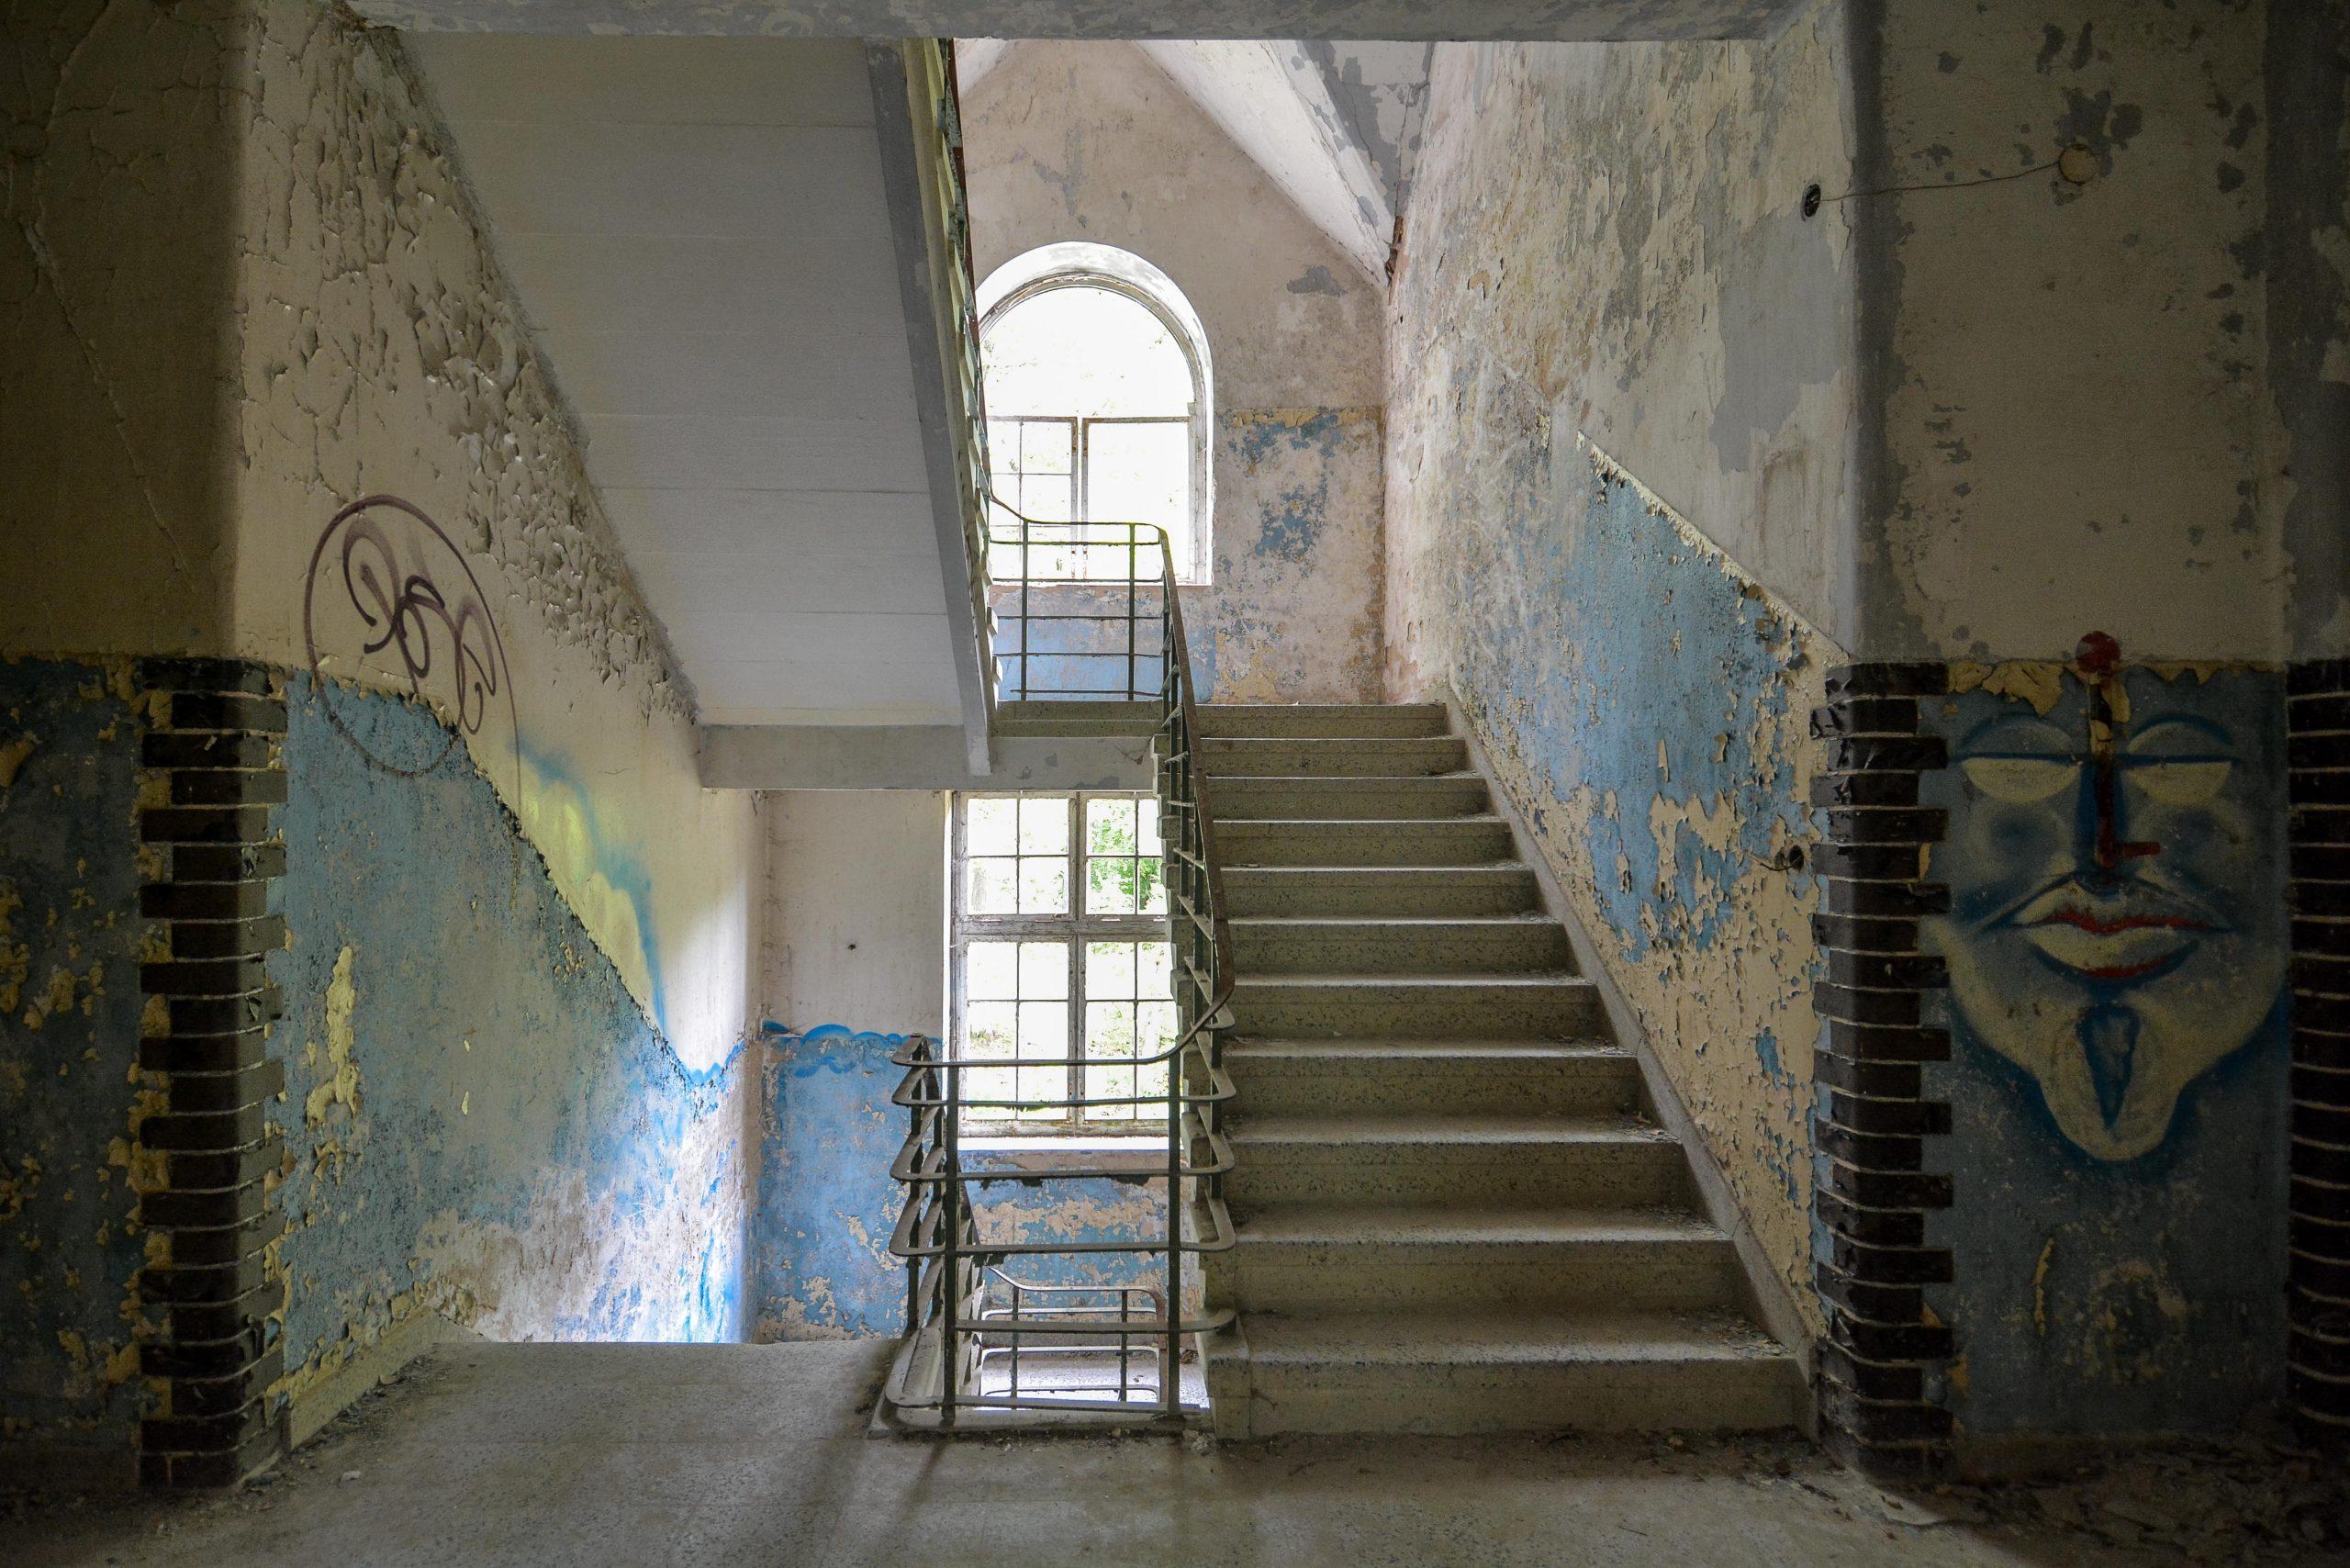 small staircase blue walls tuberkulose heilstaette grabowsee sanatorium hospital oranienburg lost places abandoned urbex brandenburg germany deutschland